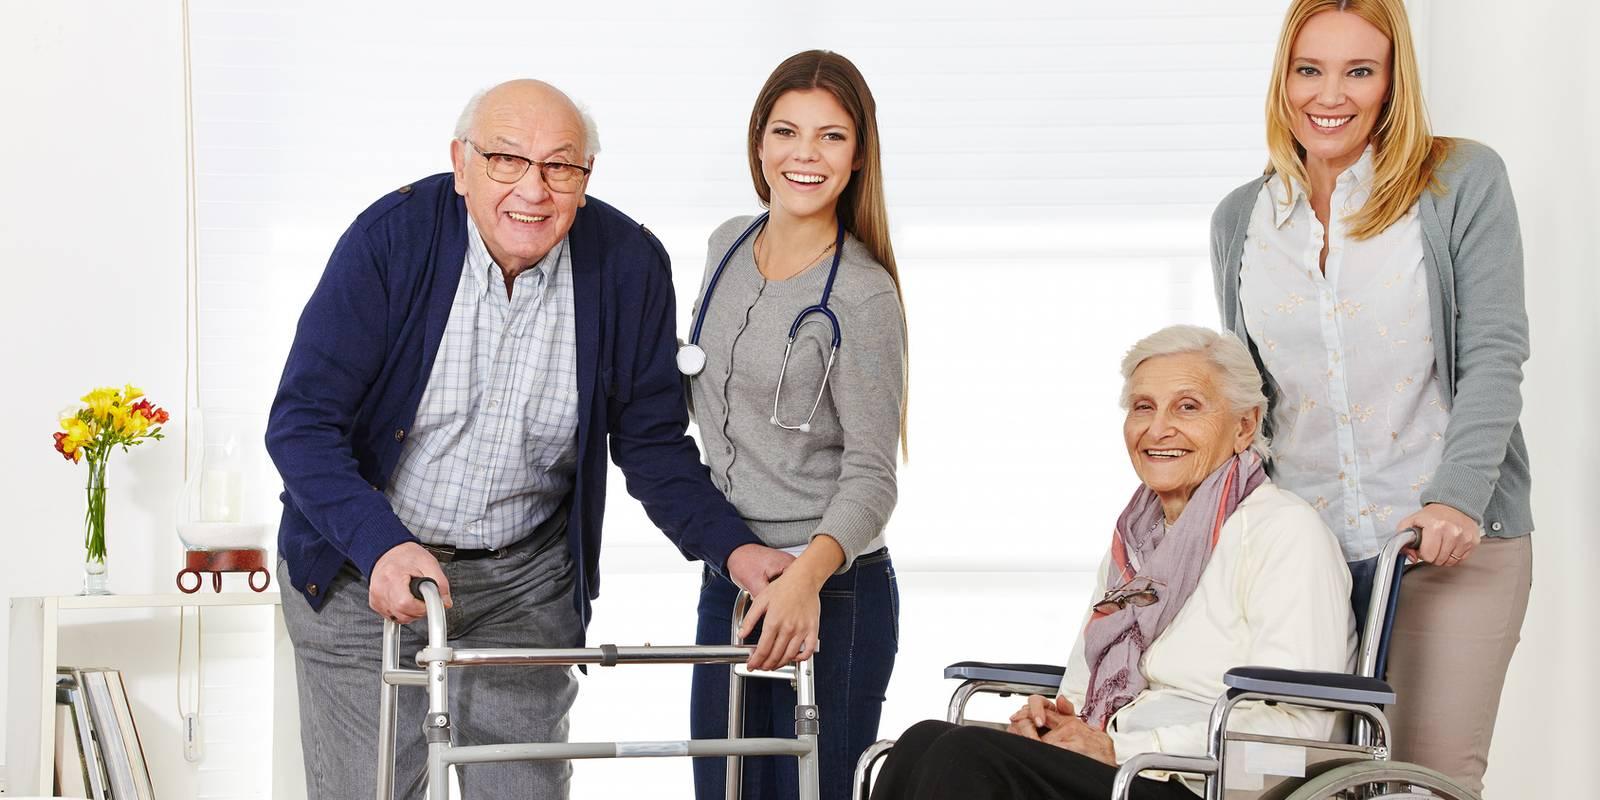 personnes âgées - La perte d'autonomie